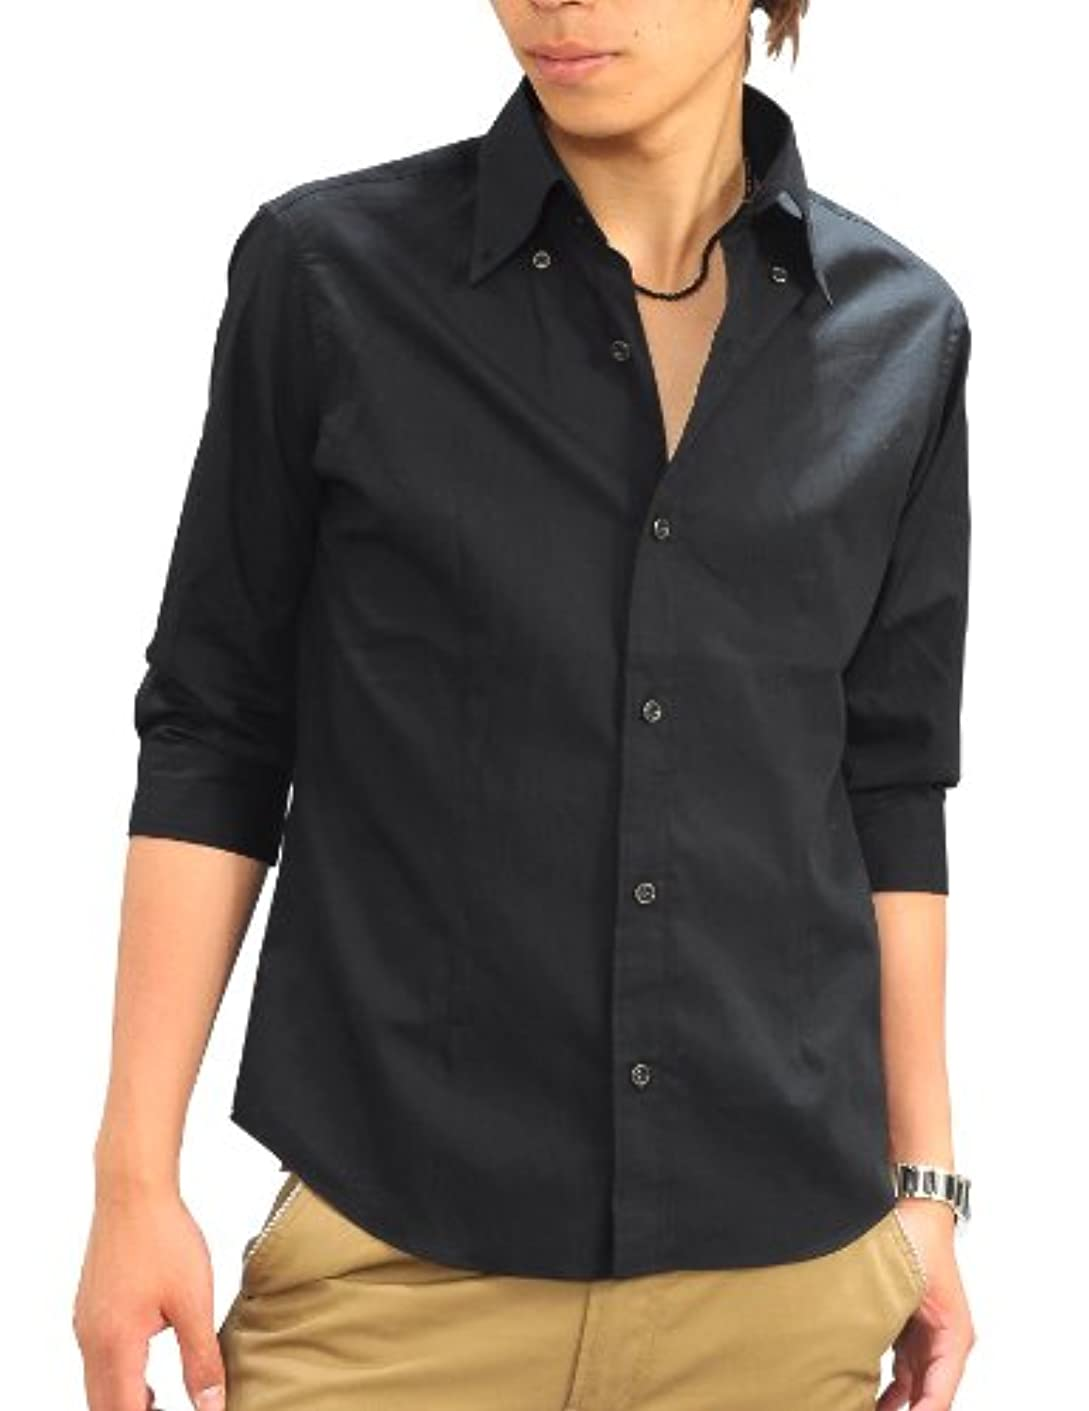 閉塞会計軍(スペイド) SPADE シャツ メンズ 7分袖 5分袖 きれいめ 日本製 ボタンダウン【q587】